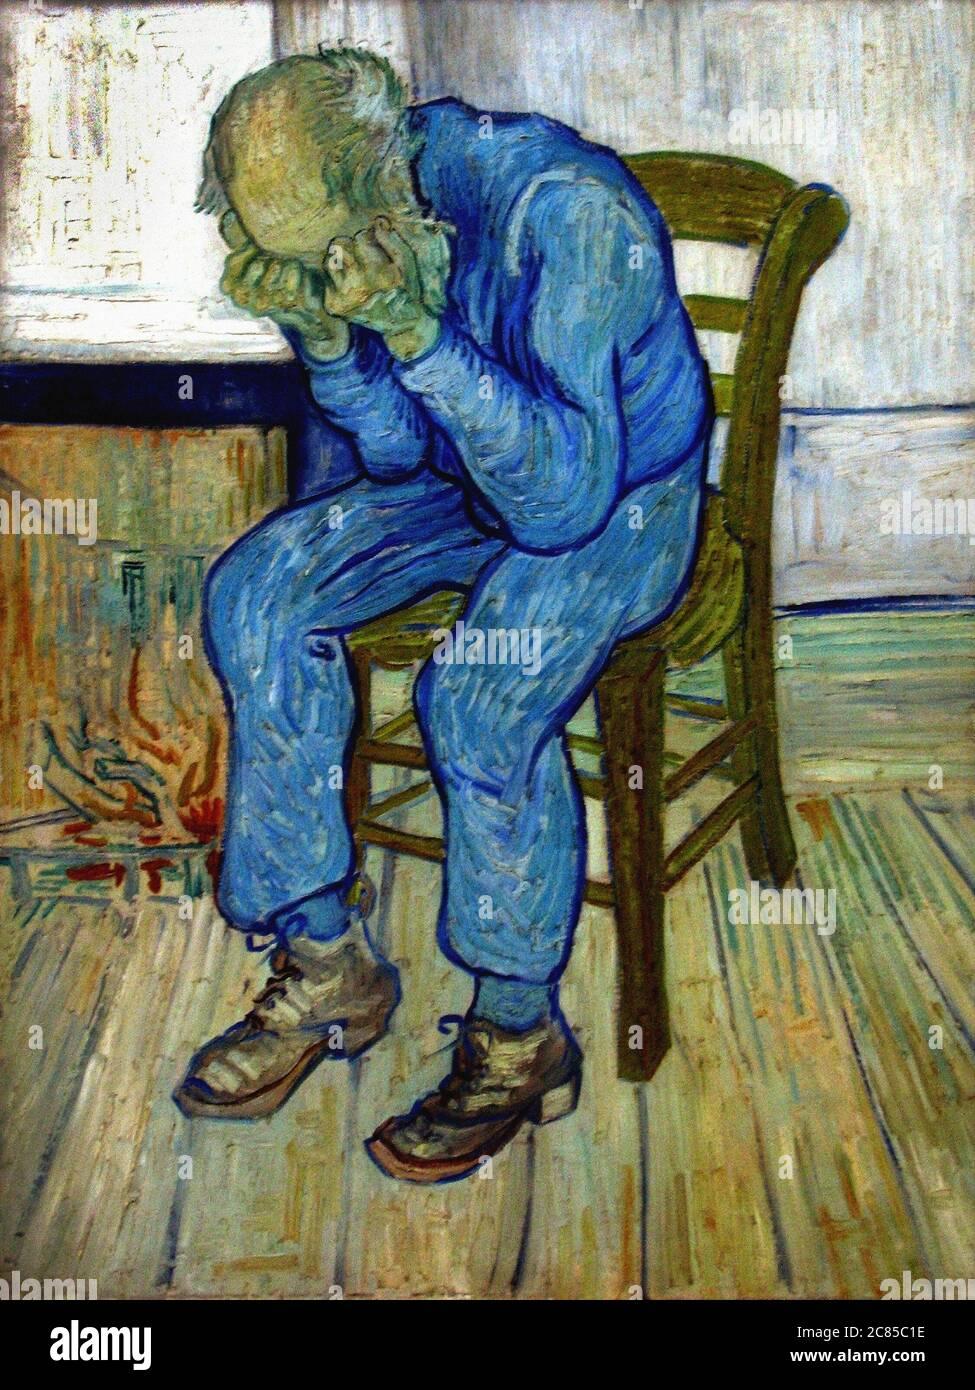 Das abgenutzte von Vincent Van Gogh 1895. Das Kroeller-Muller Museum in Otterlo, Niederlande Stockfoto